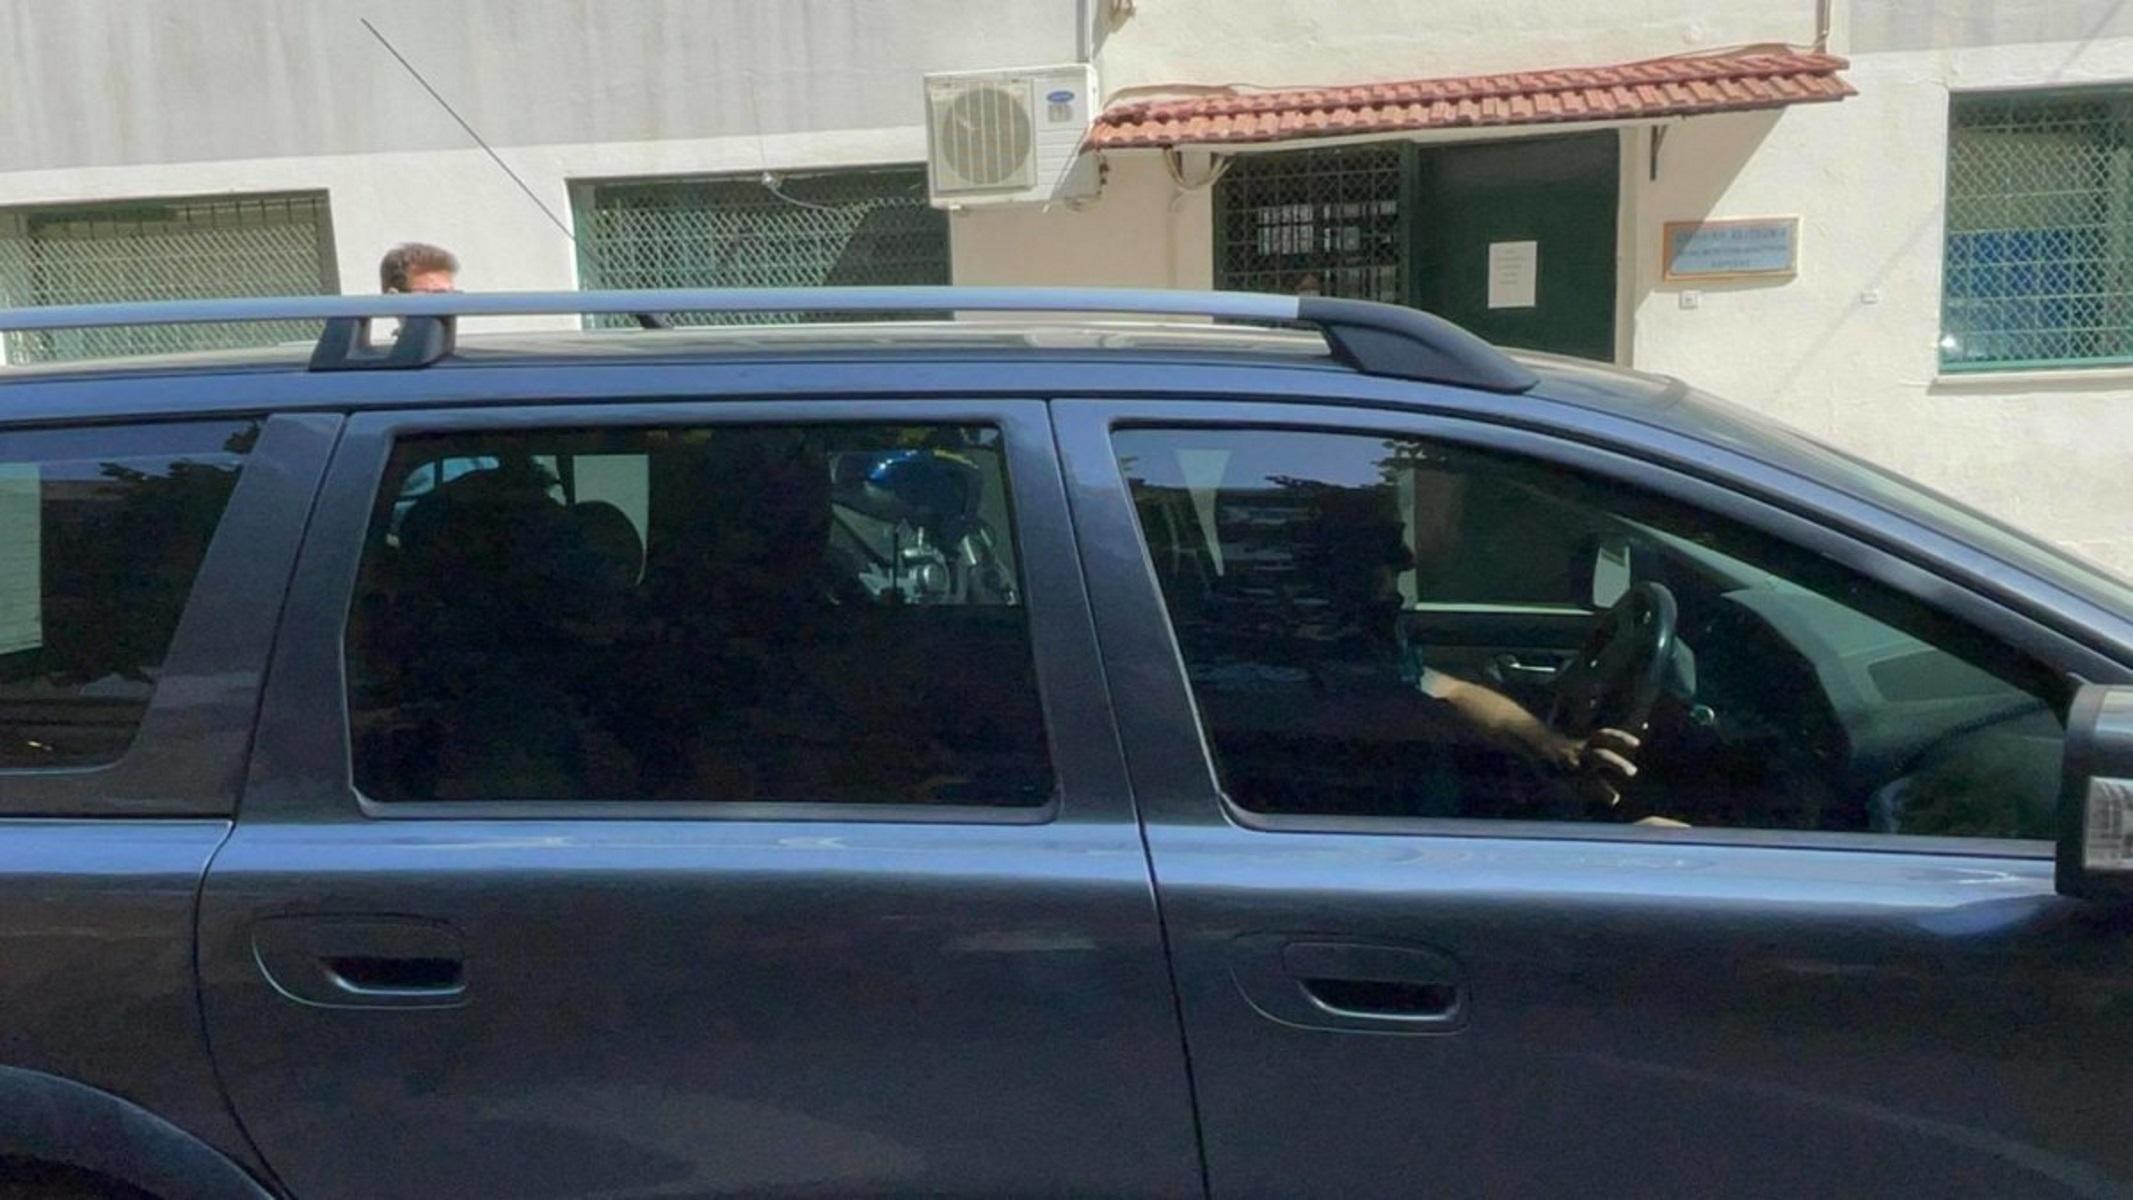 Λάρισα: Ενώπιον του εισαγγελέα ο συζυγοκτόνος